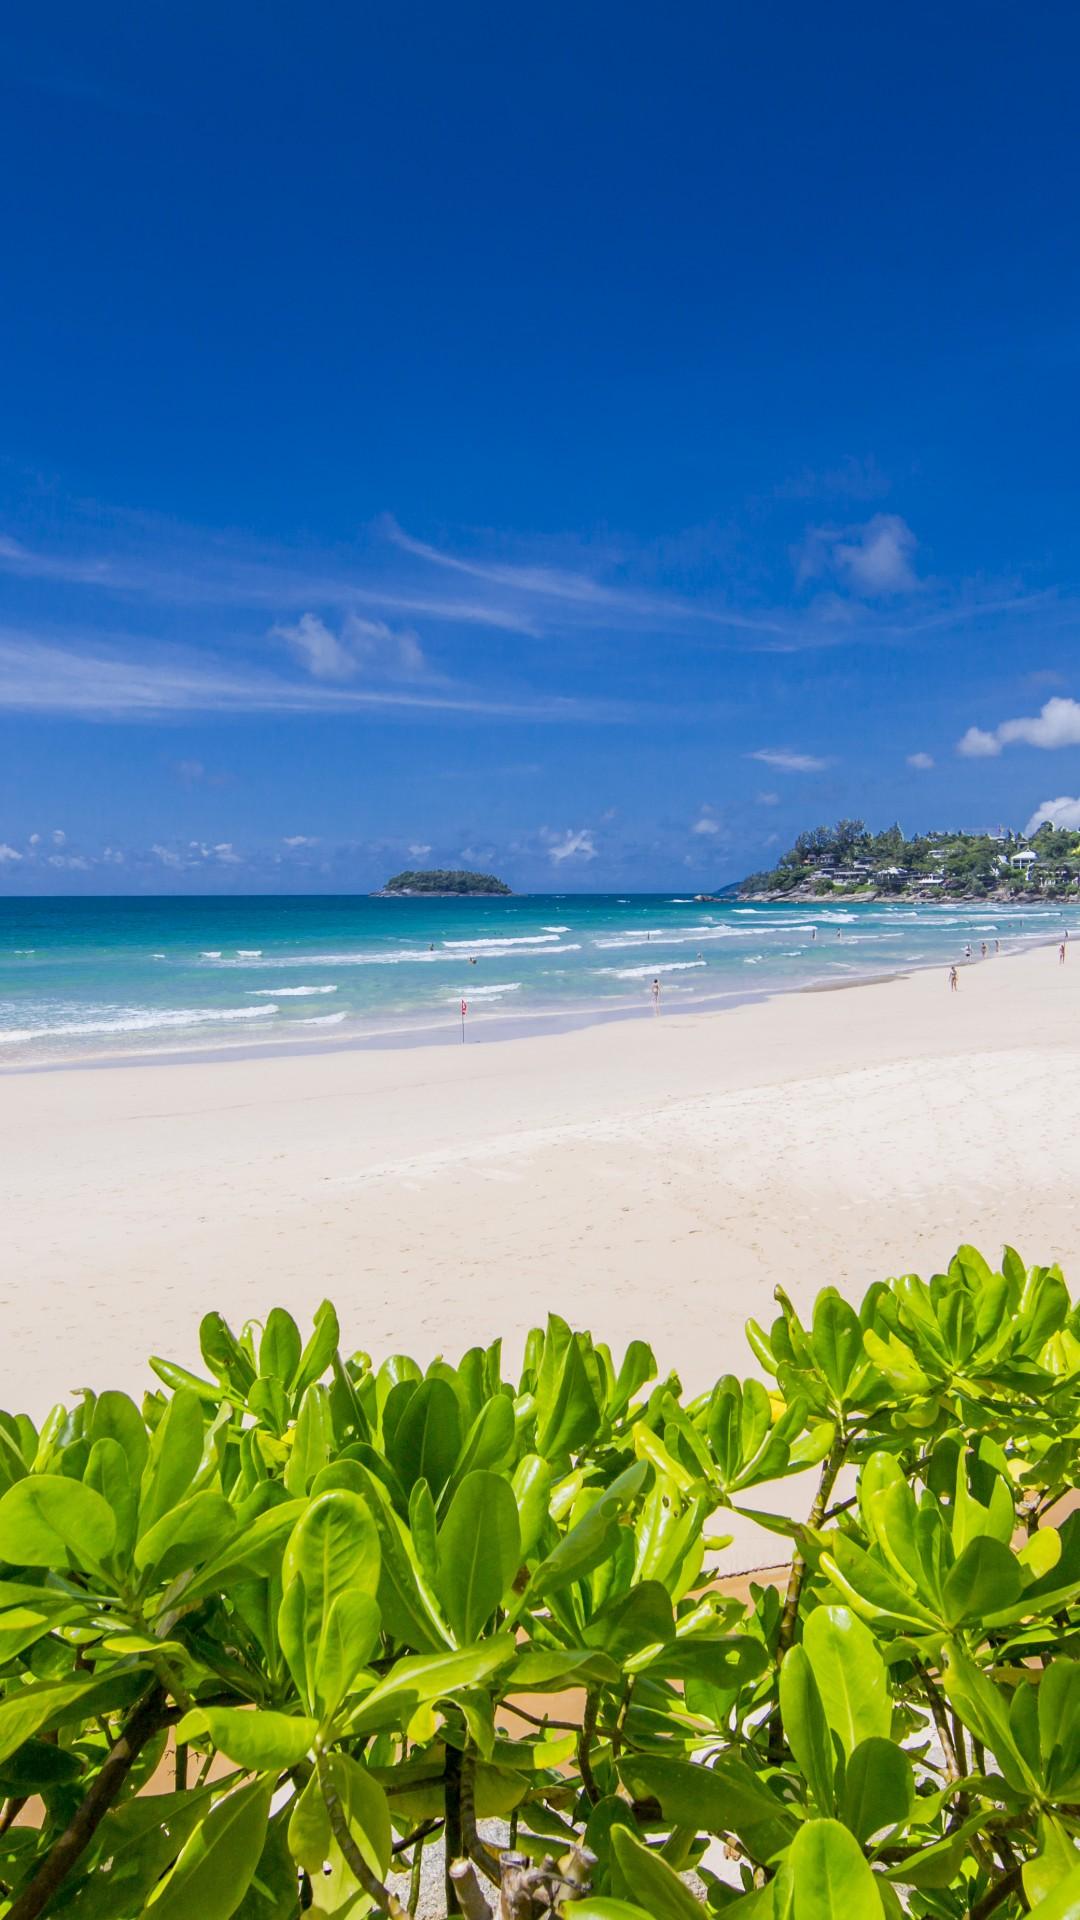 Wallpaper Kata Noi Beach, Karon, Thailand, Best beaches of ...